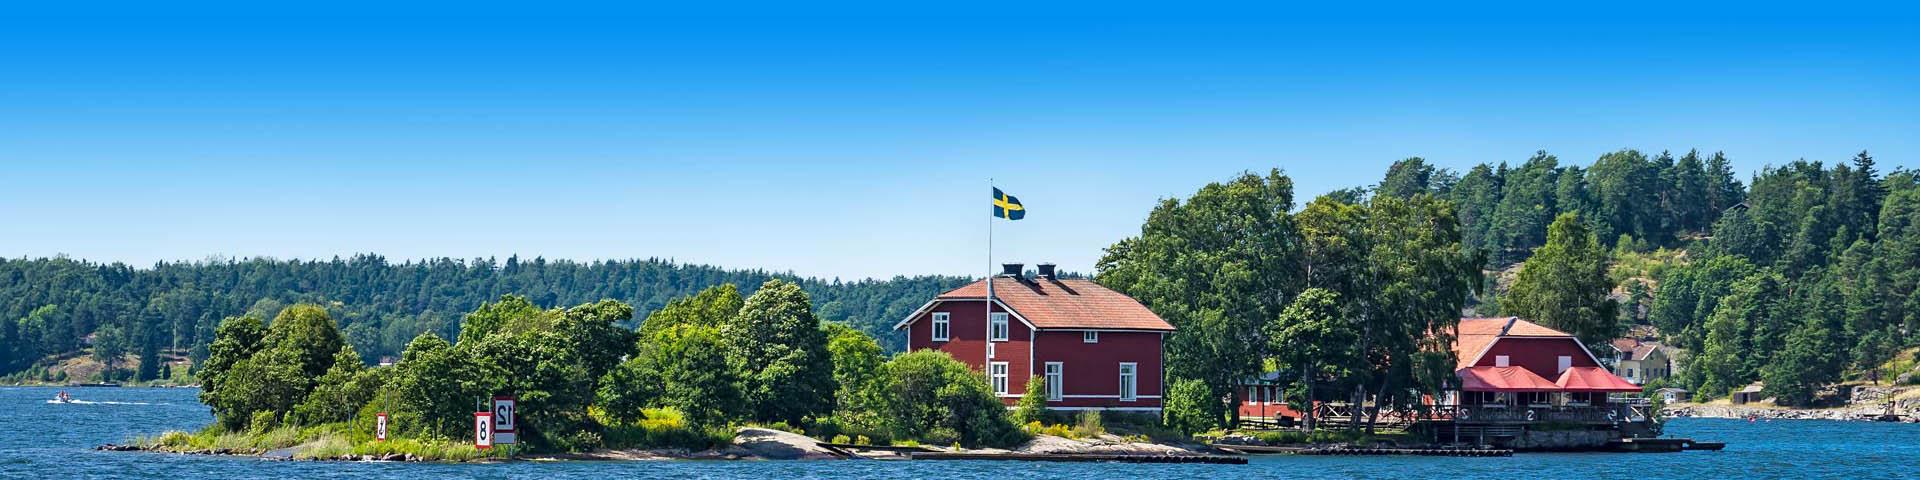 Zweeds huisje met uitzicht op het meer en groene bergen